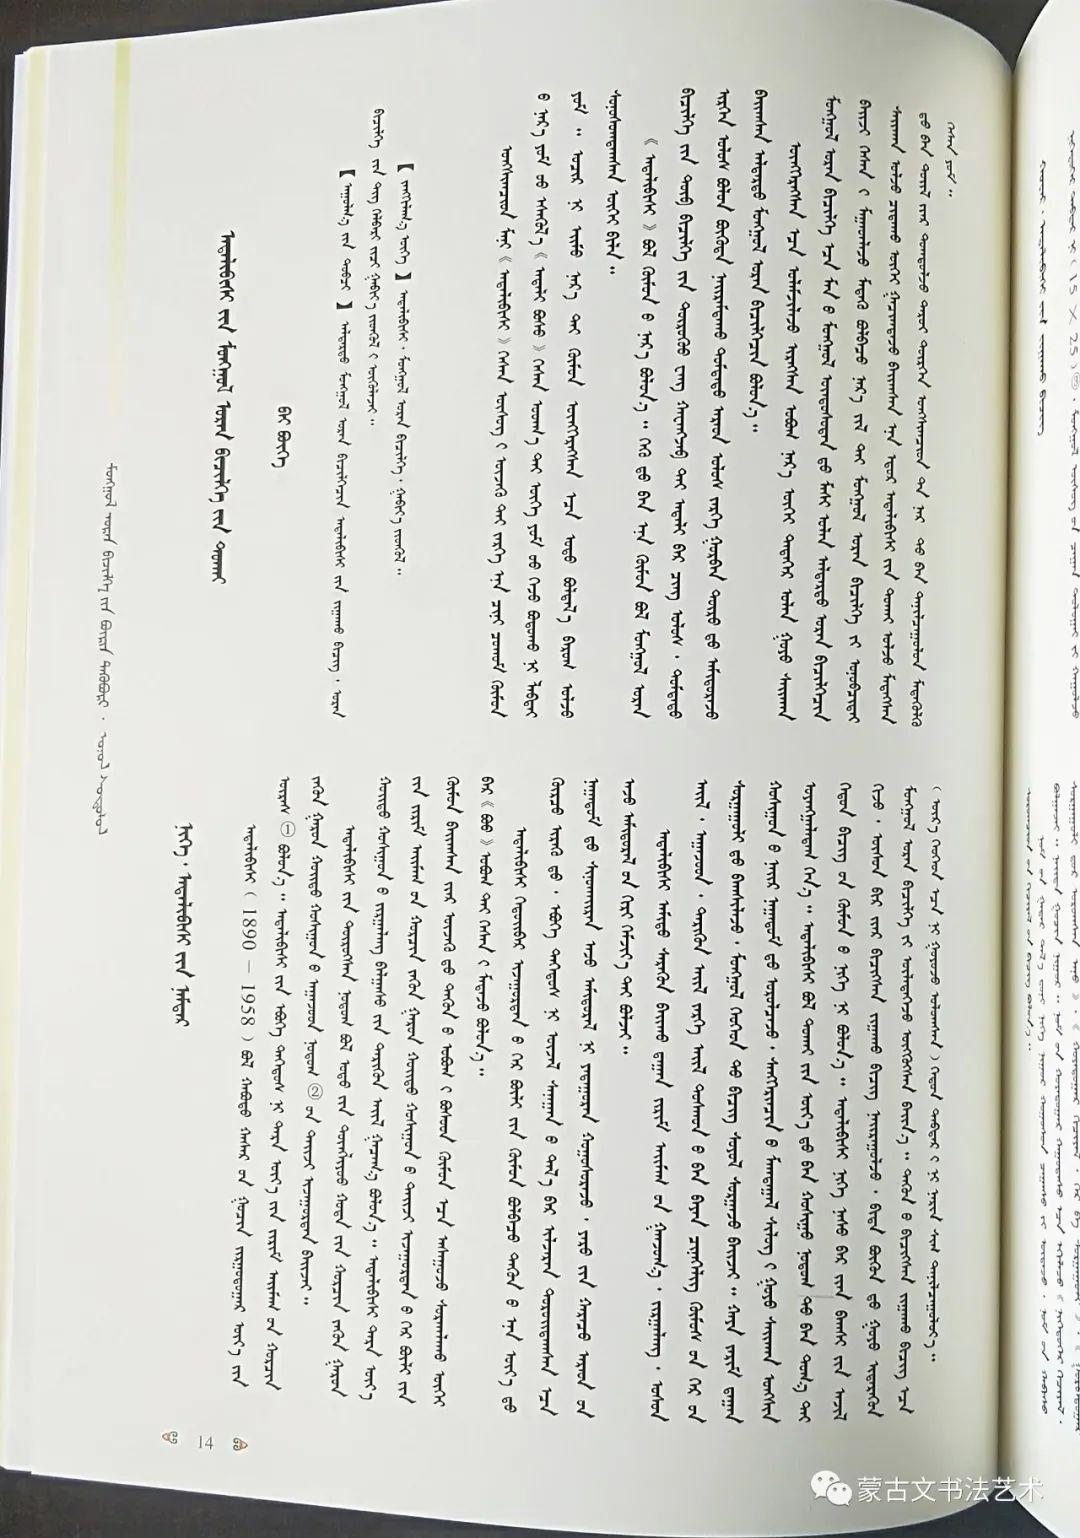 蒙古文书法全集 第38张 蒙古文书法全集 蒙古书法